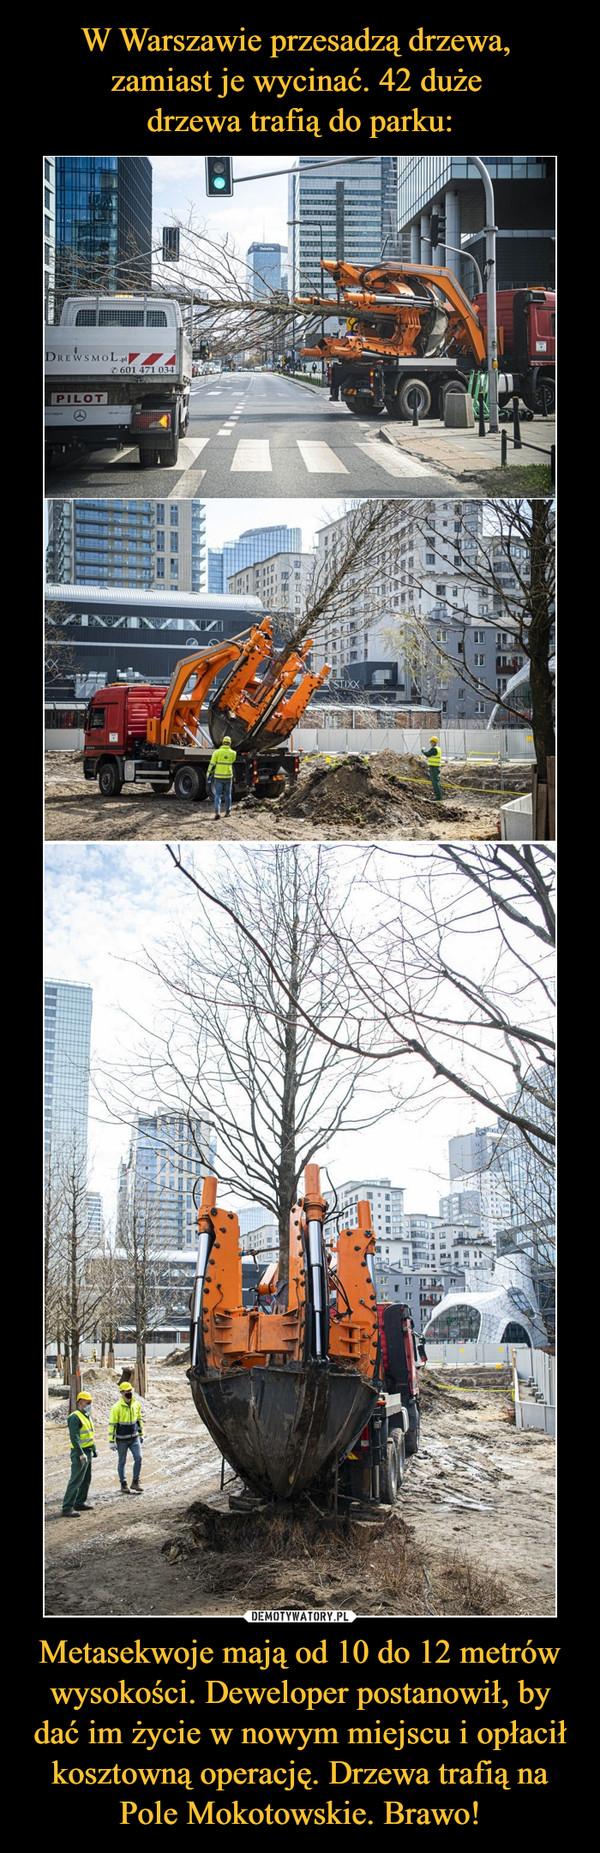 Metasekwoje mają od 10 do 12 metrów wysokości. Deweloper postanowił, by dać im życie w nowym miejscu i opłacił kosztowną operację. Drzewa trafią na Pole Mokotowskie. Brawo! –